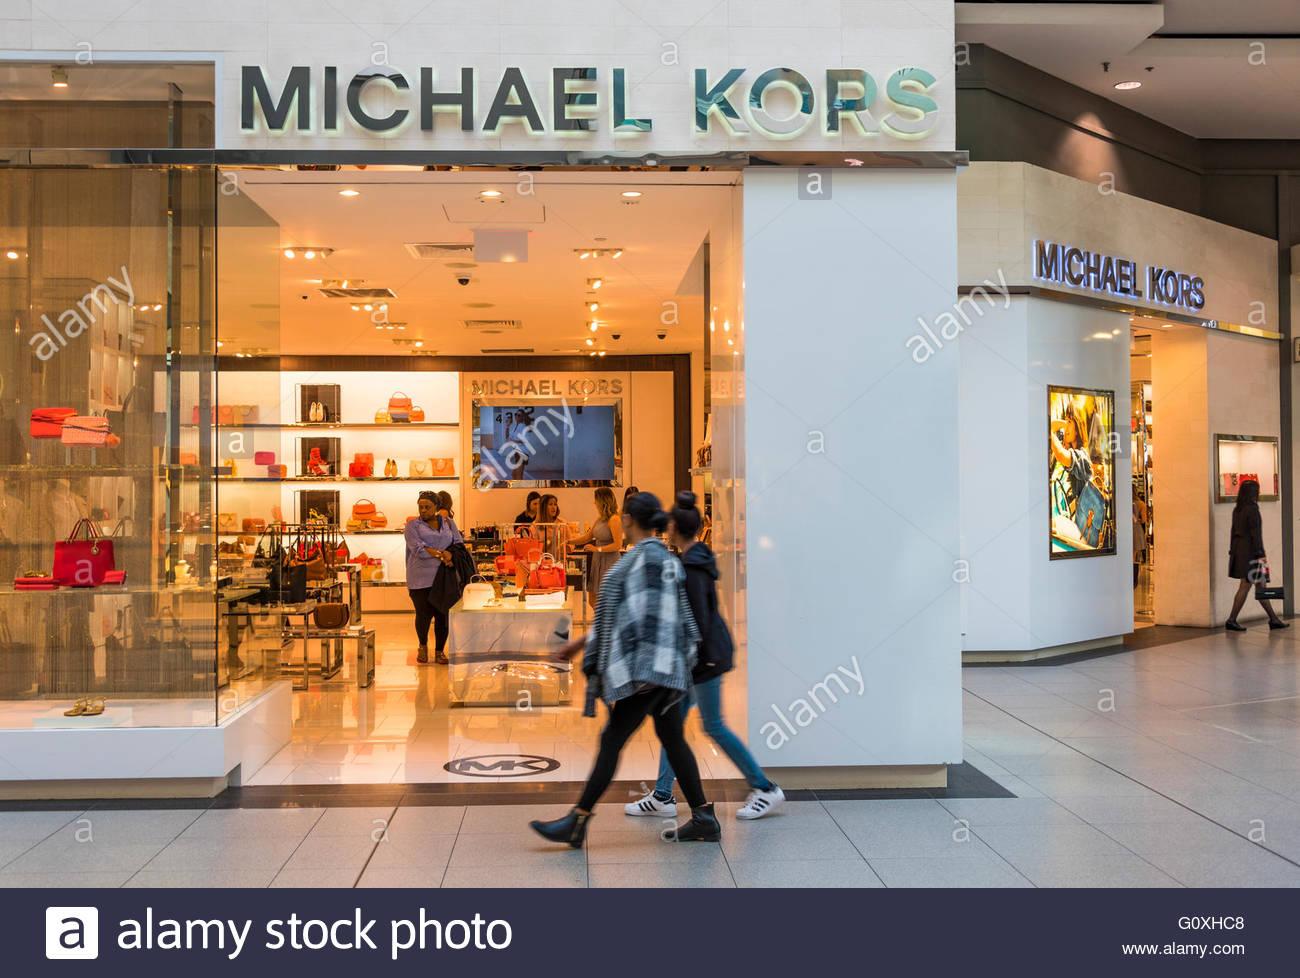 michael kors store im eaton center die marke ist eine amerikanische luxusmode f r handtaschen. Black Bedroom Furniture Sets. Home Design Ideas